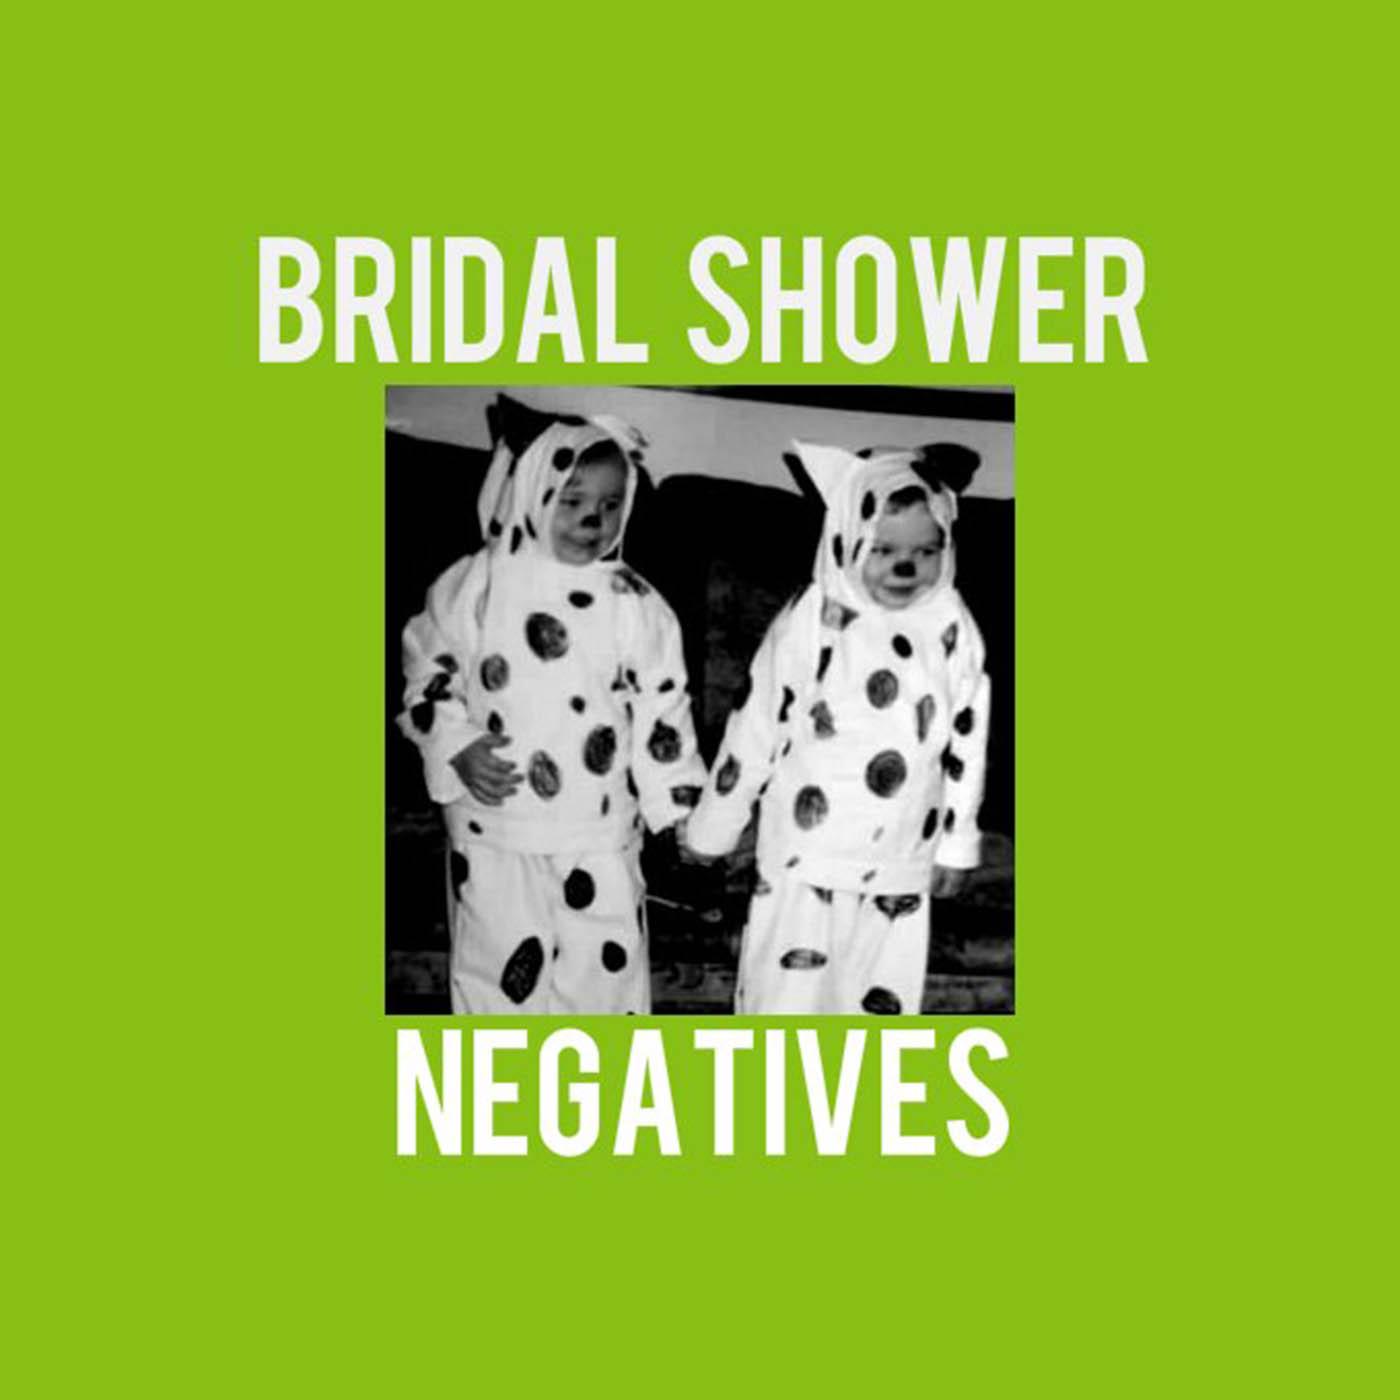 Bridal Shower - Negatives